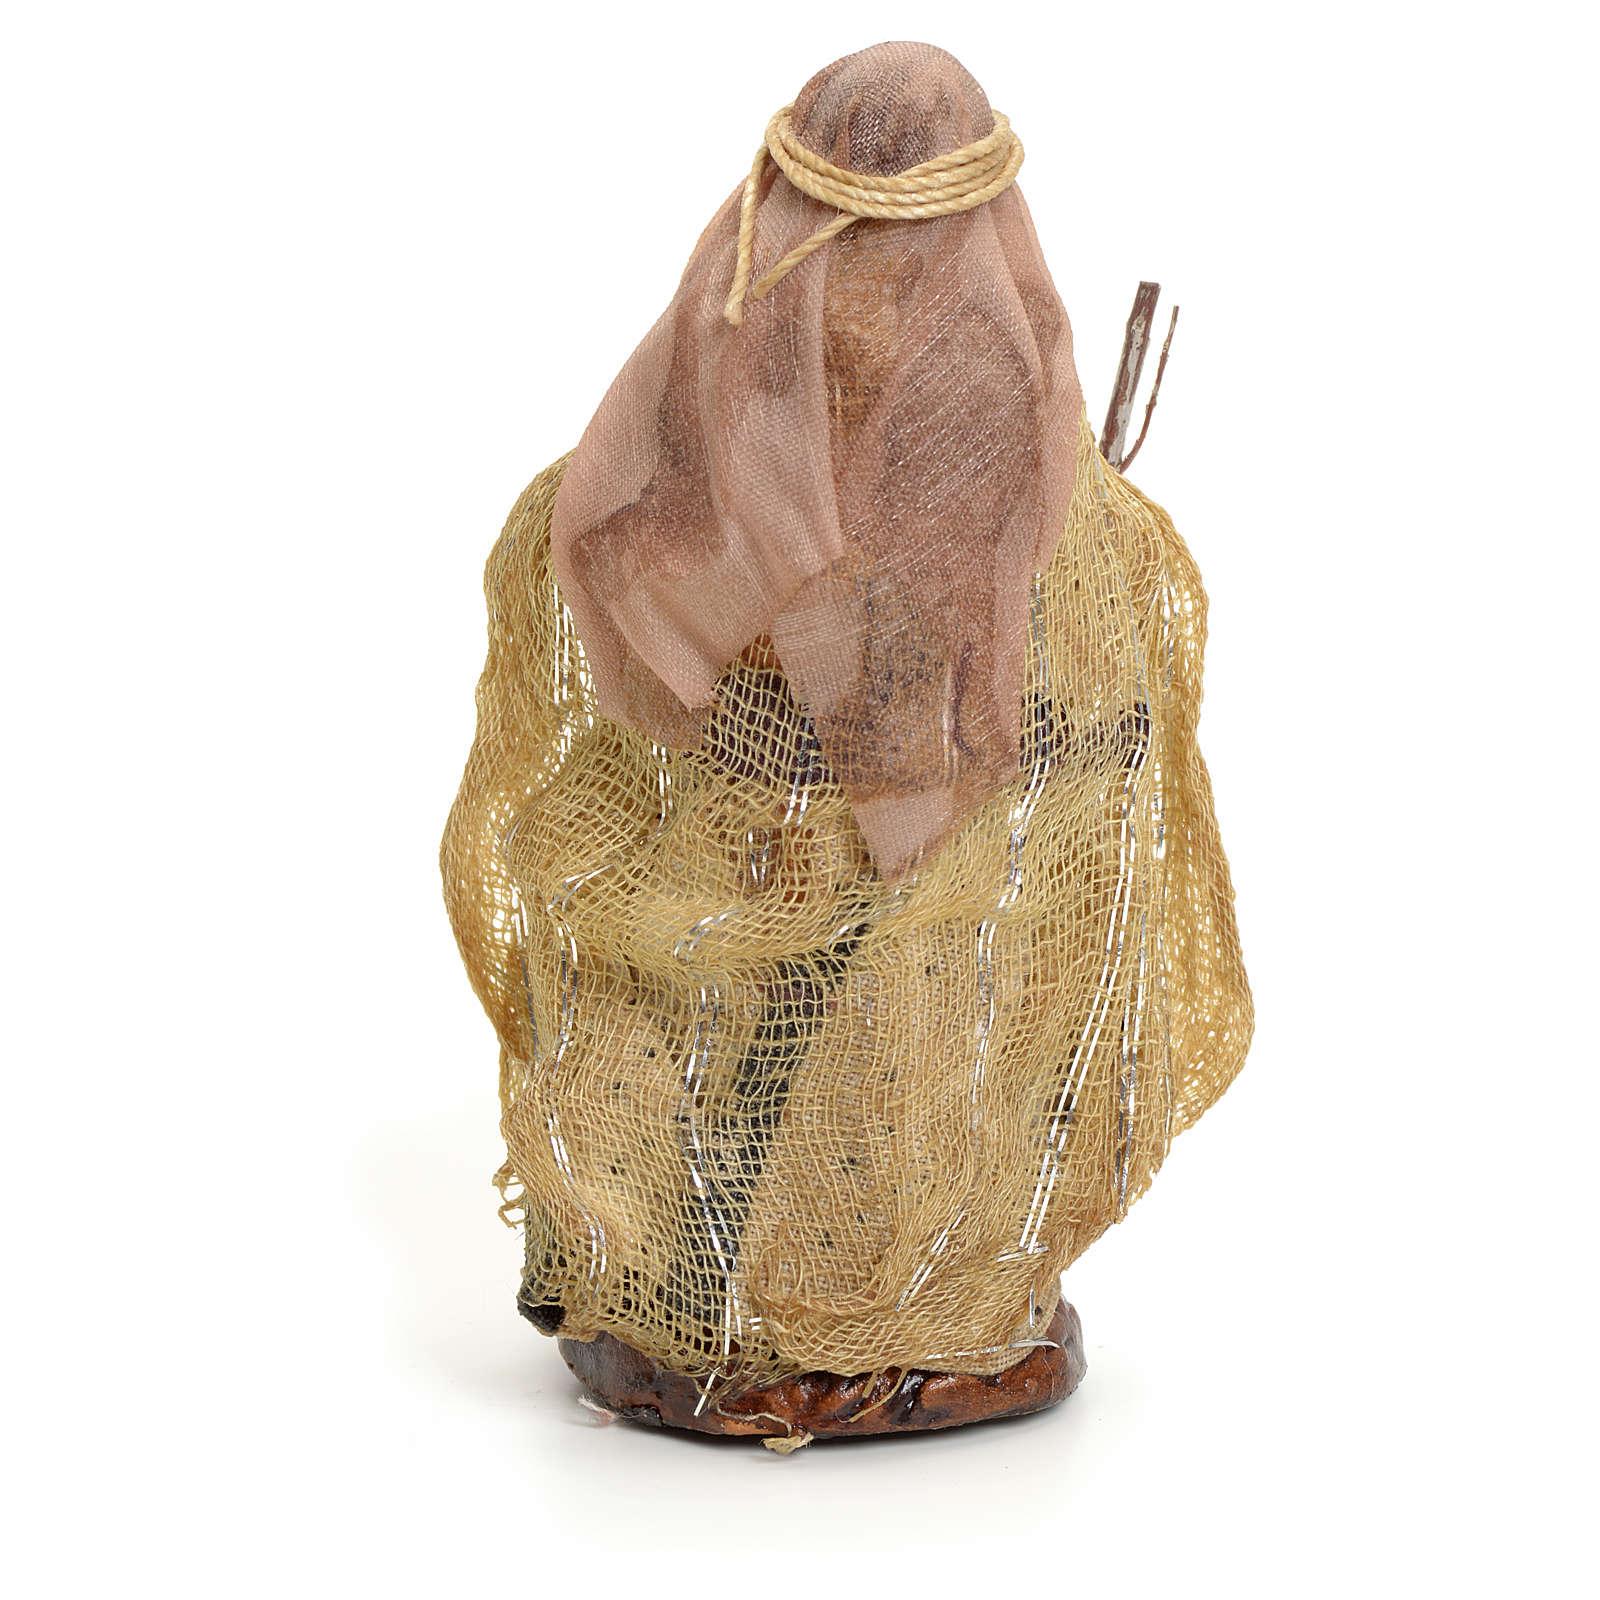 Neapolitan nativity figurine, Arabian woman with stick, 8cm 4